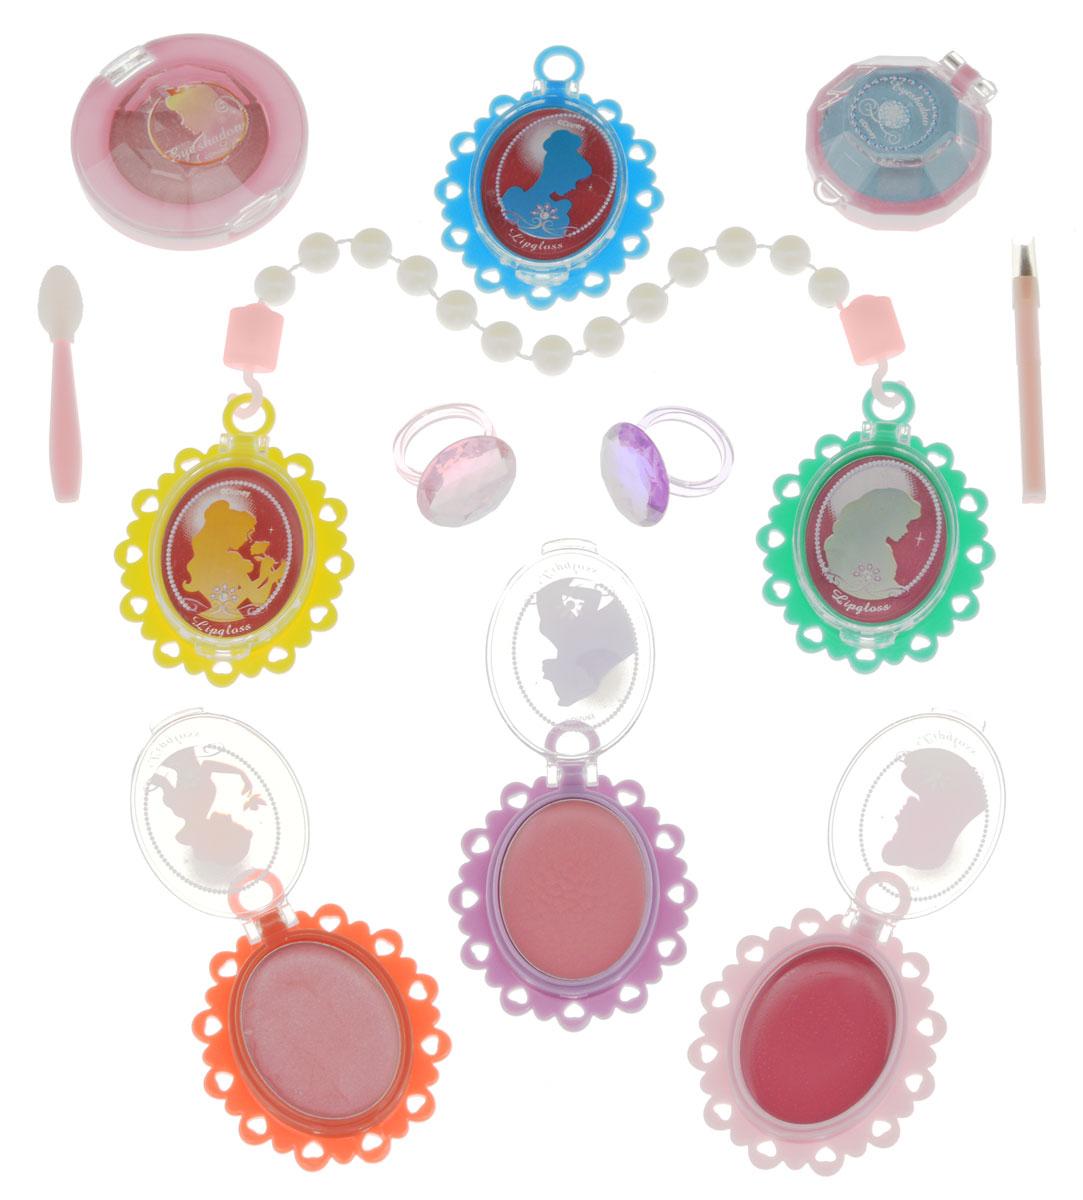 Markwins Косметический детский набор блесков для губ Принцессы Диснея Очаровашка markwins набор детской косметики в книжке принцессы диснея